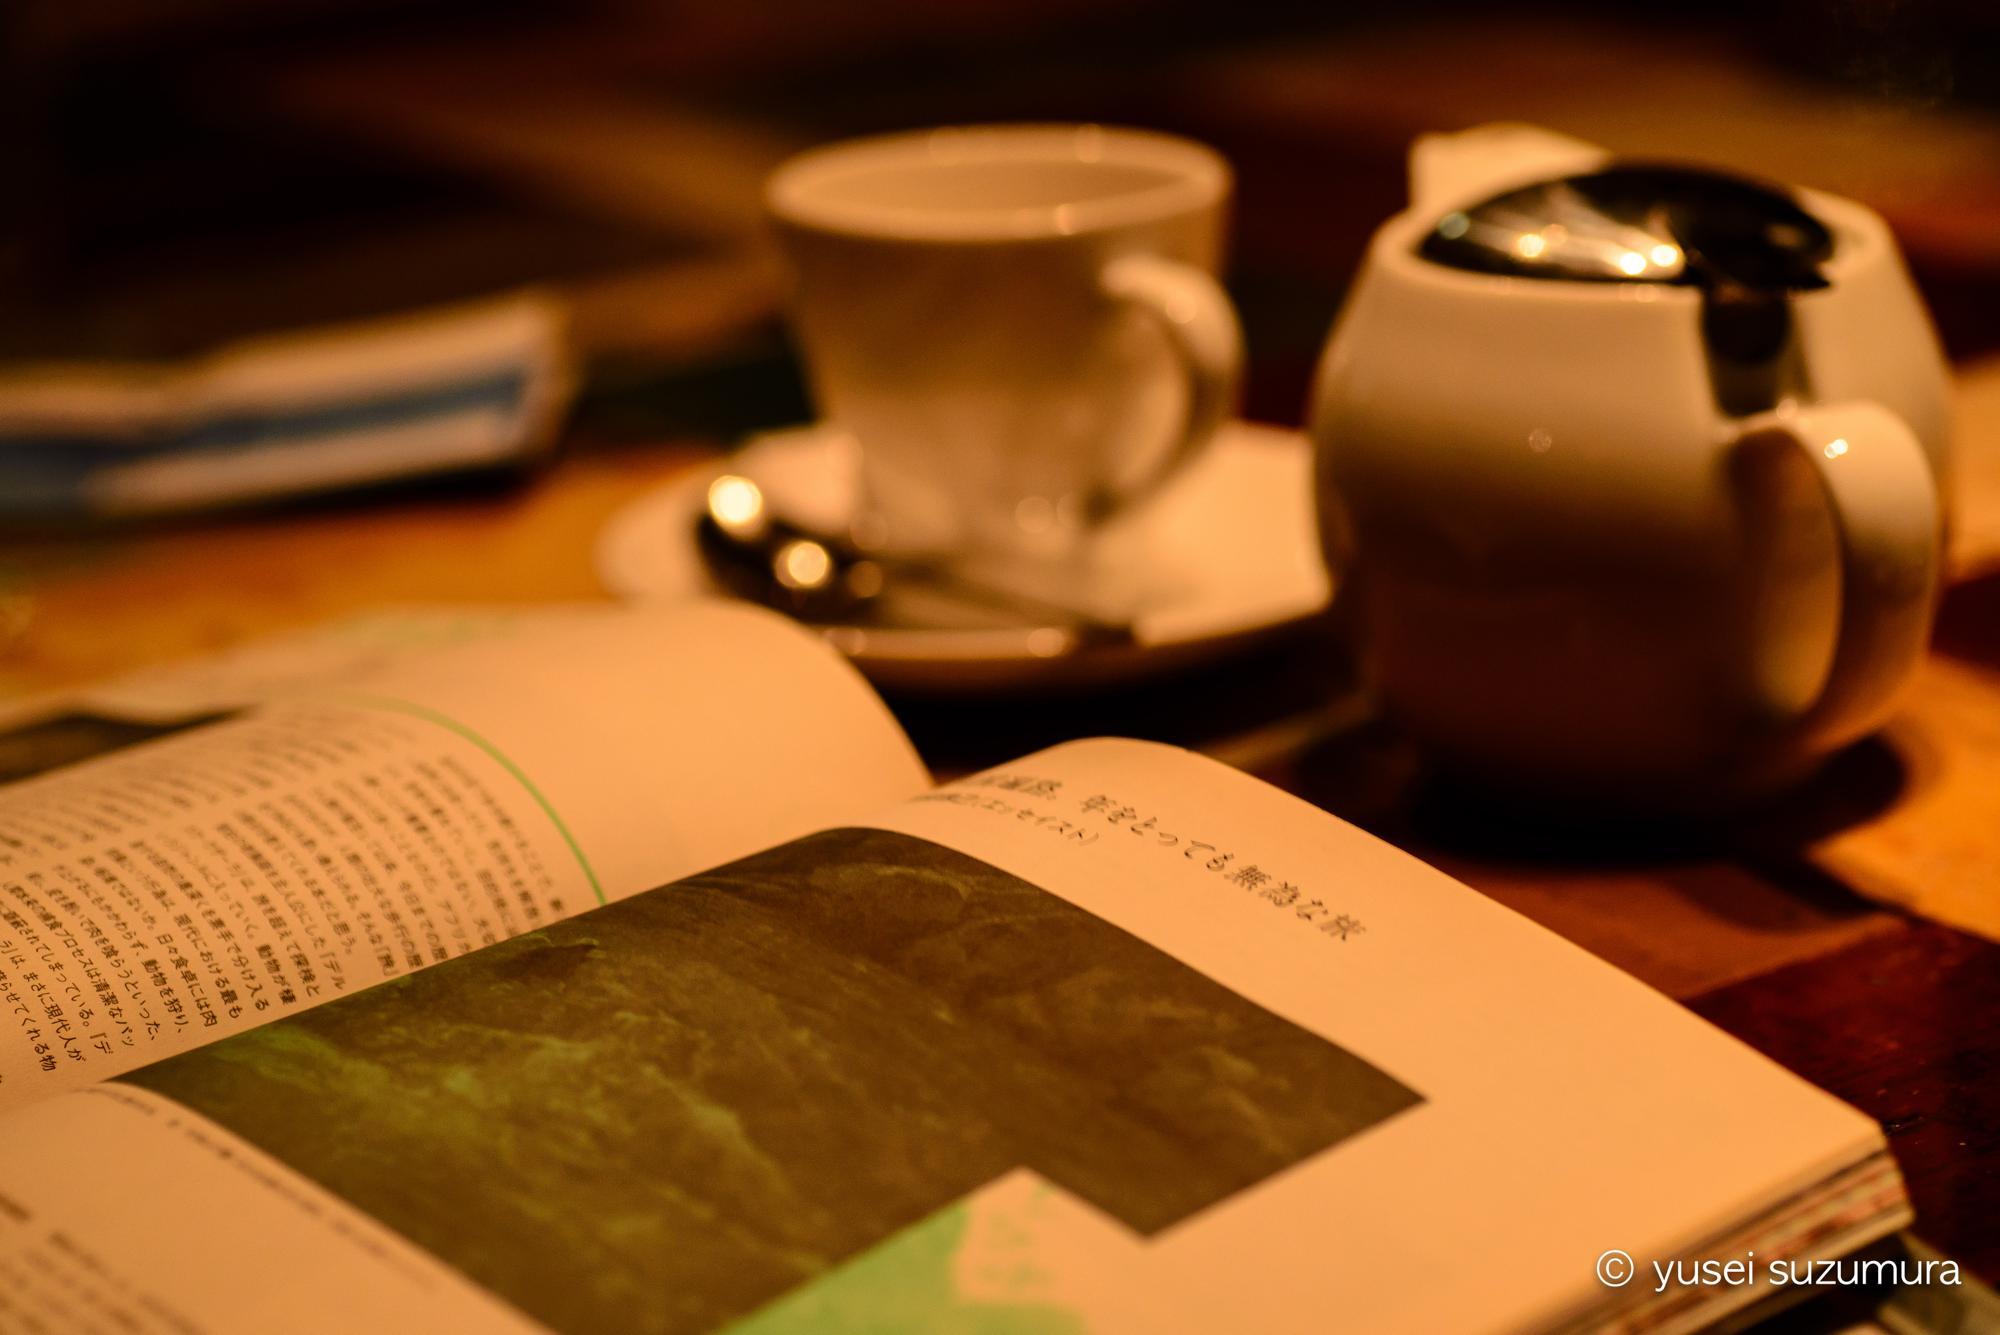 旅に持って行くのにおすすめな本5選!!バックパッカーなら人にプレゼントするのもおすすめです。